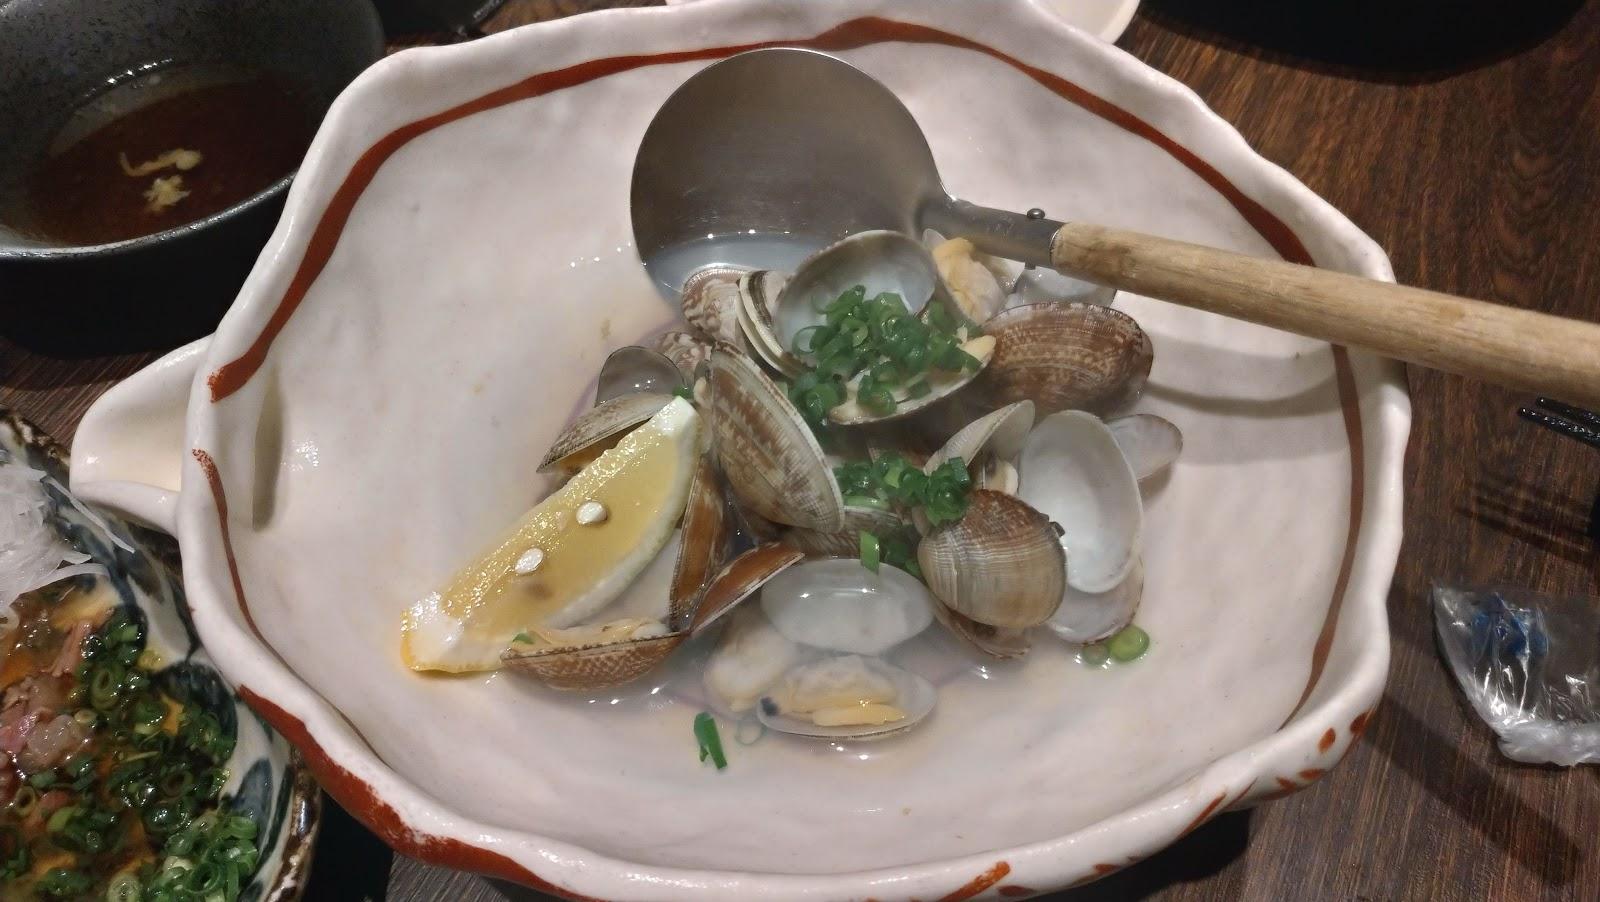 あさりの酒蒸し 長崎市居酒屋の魚店亜紗 (うおだなあさ)がスーパーおすすめ!